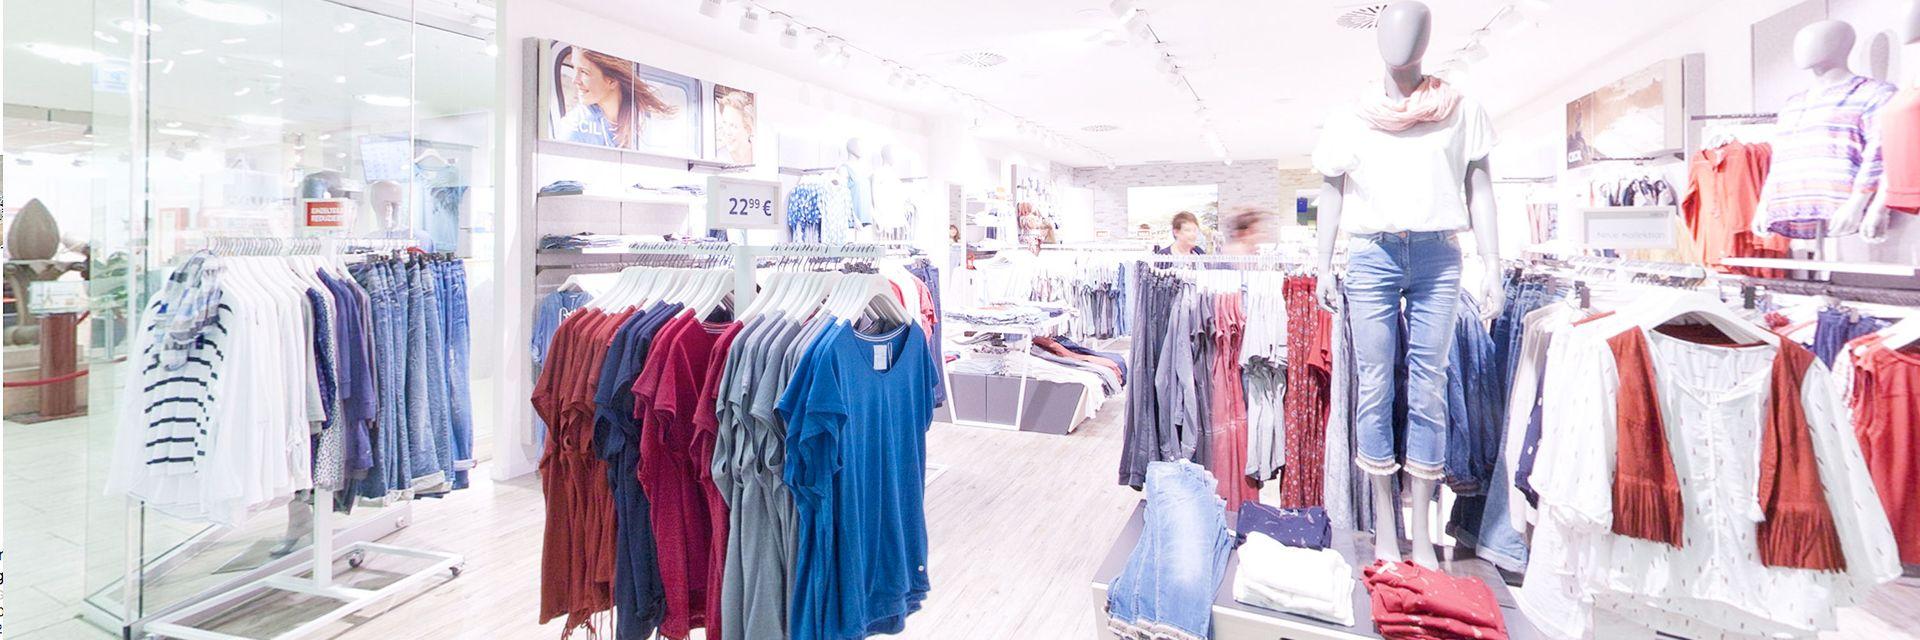 Offizieller Lieferant niedrigerer Preis mit Verkaufsförderung Cecil Store